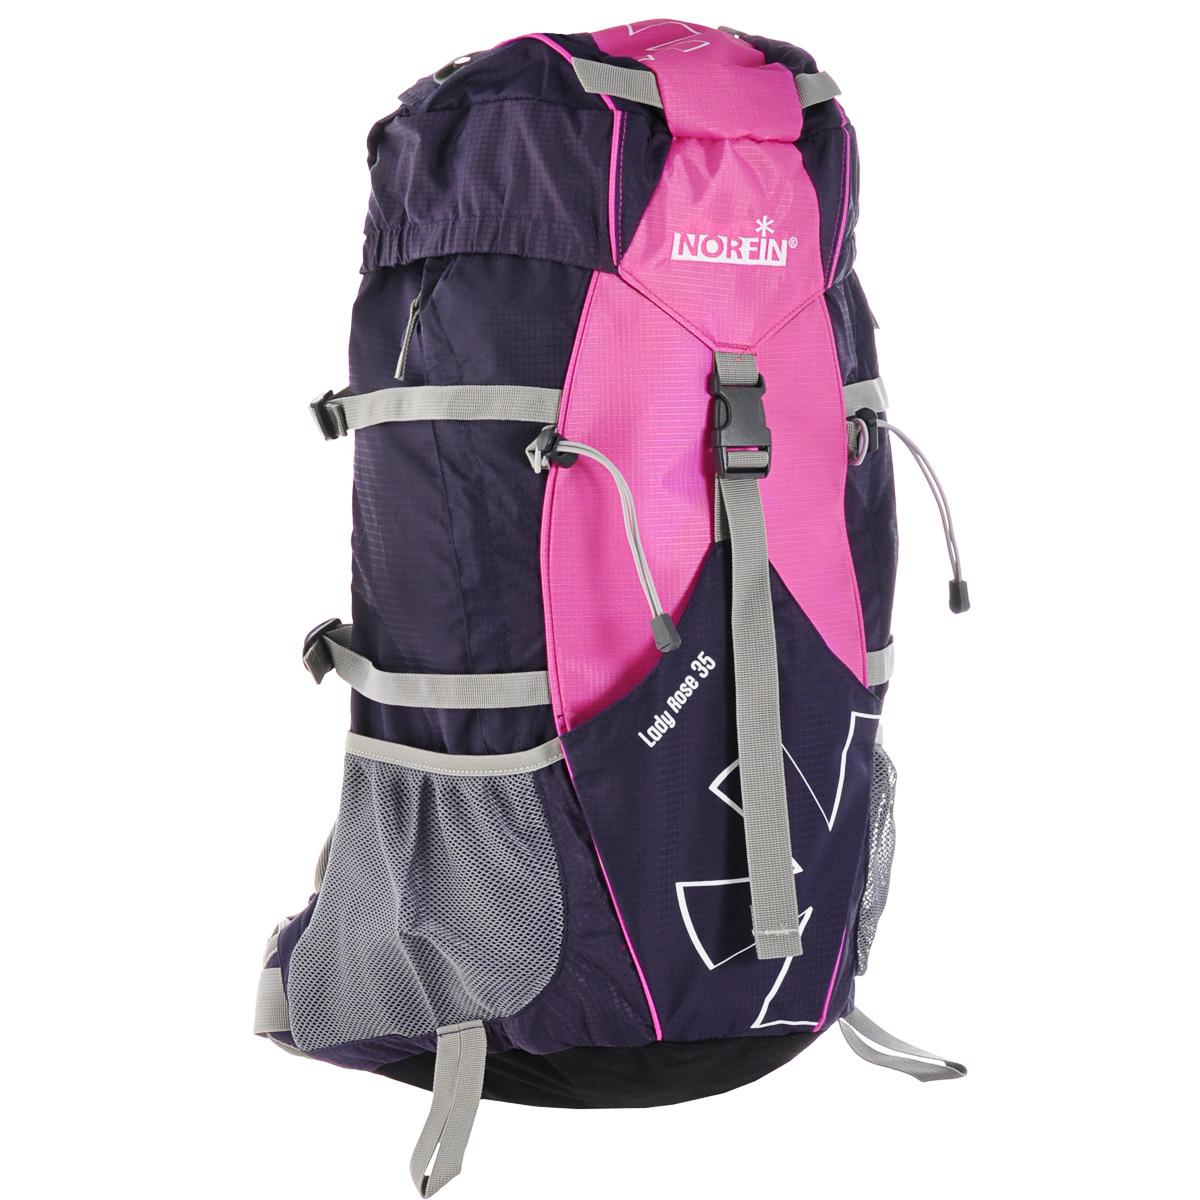 Рюкзак туристический Norfin Lady Rose, цвет: розовый, фиолетовый, 35 лNFL-40211Функциональный штурмовой рюкзак Norfin Lady Rose отлично подойдет для женщин и подростков. Благодаря многофункциональности данный рюкзак позволяет удобно и легко укладывать свои вещи.Особенности рюкзака:Поясной ременьПодвесная система A2 Air с усиленной рамойГрудная стяжкаВыход под питьевую системуВерхний и боковой входы в основное отделениеФронтальный карманБоковые карманы из сеткиБоковой карман на молнииВерхний клапан с внешним карманом Чехол-дождевик в кармане на дне.